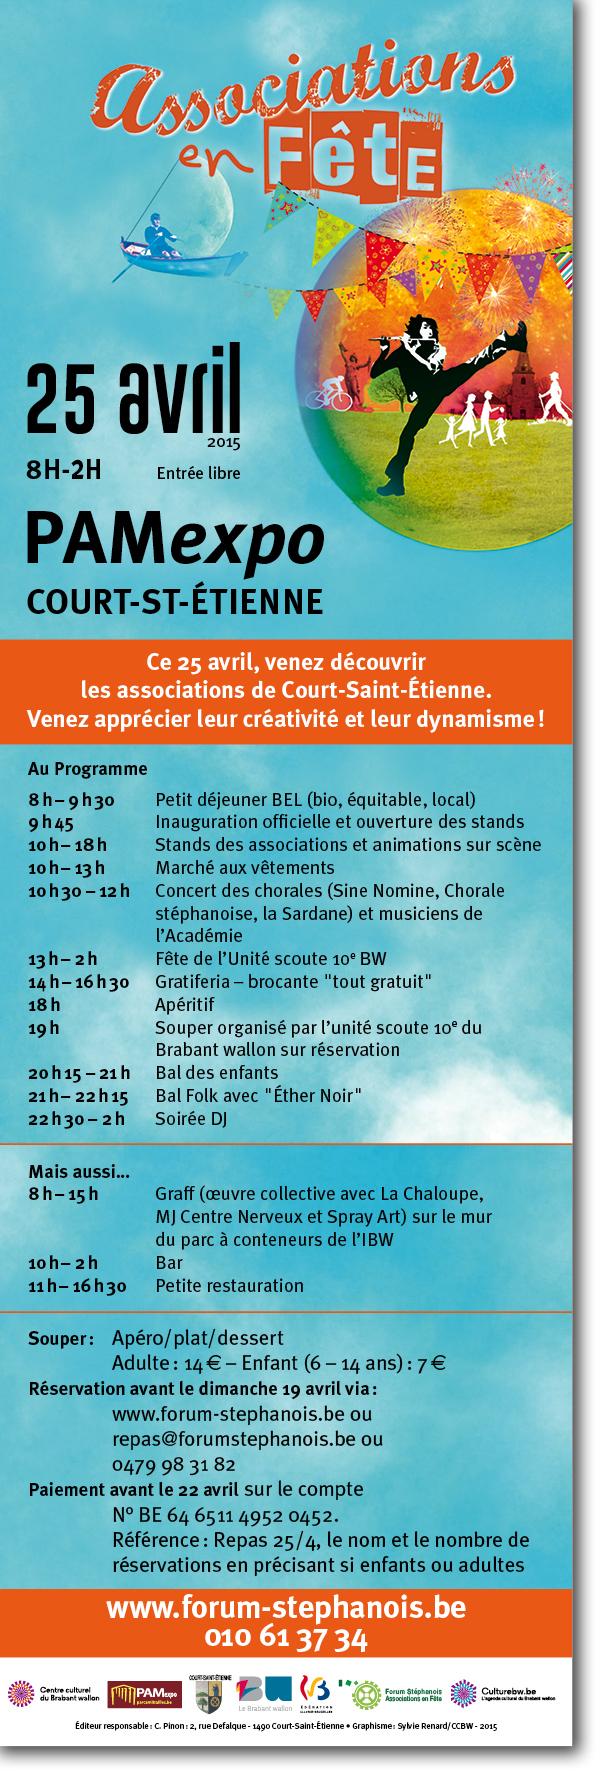 Fête des associations de Court st Etienne !